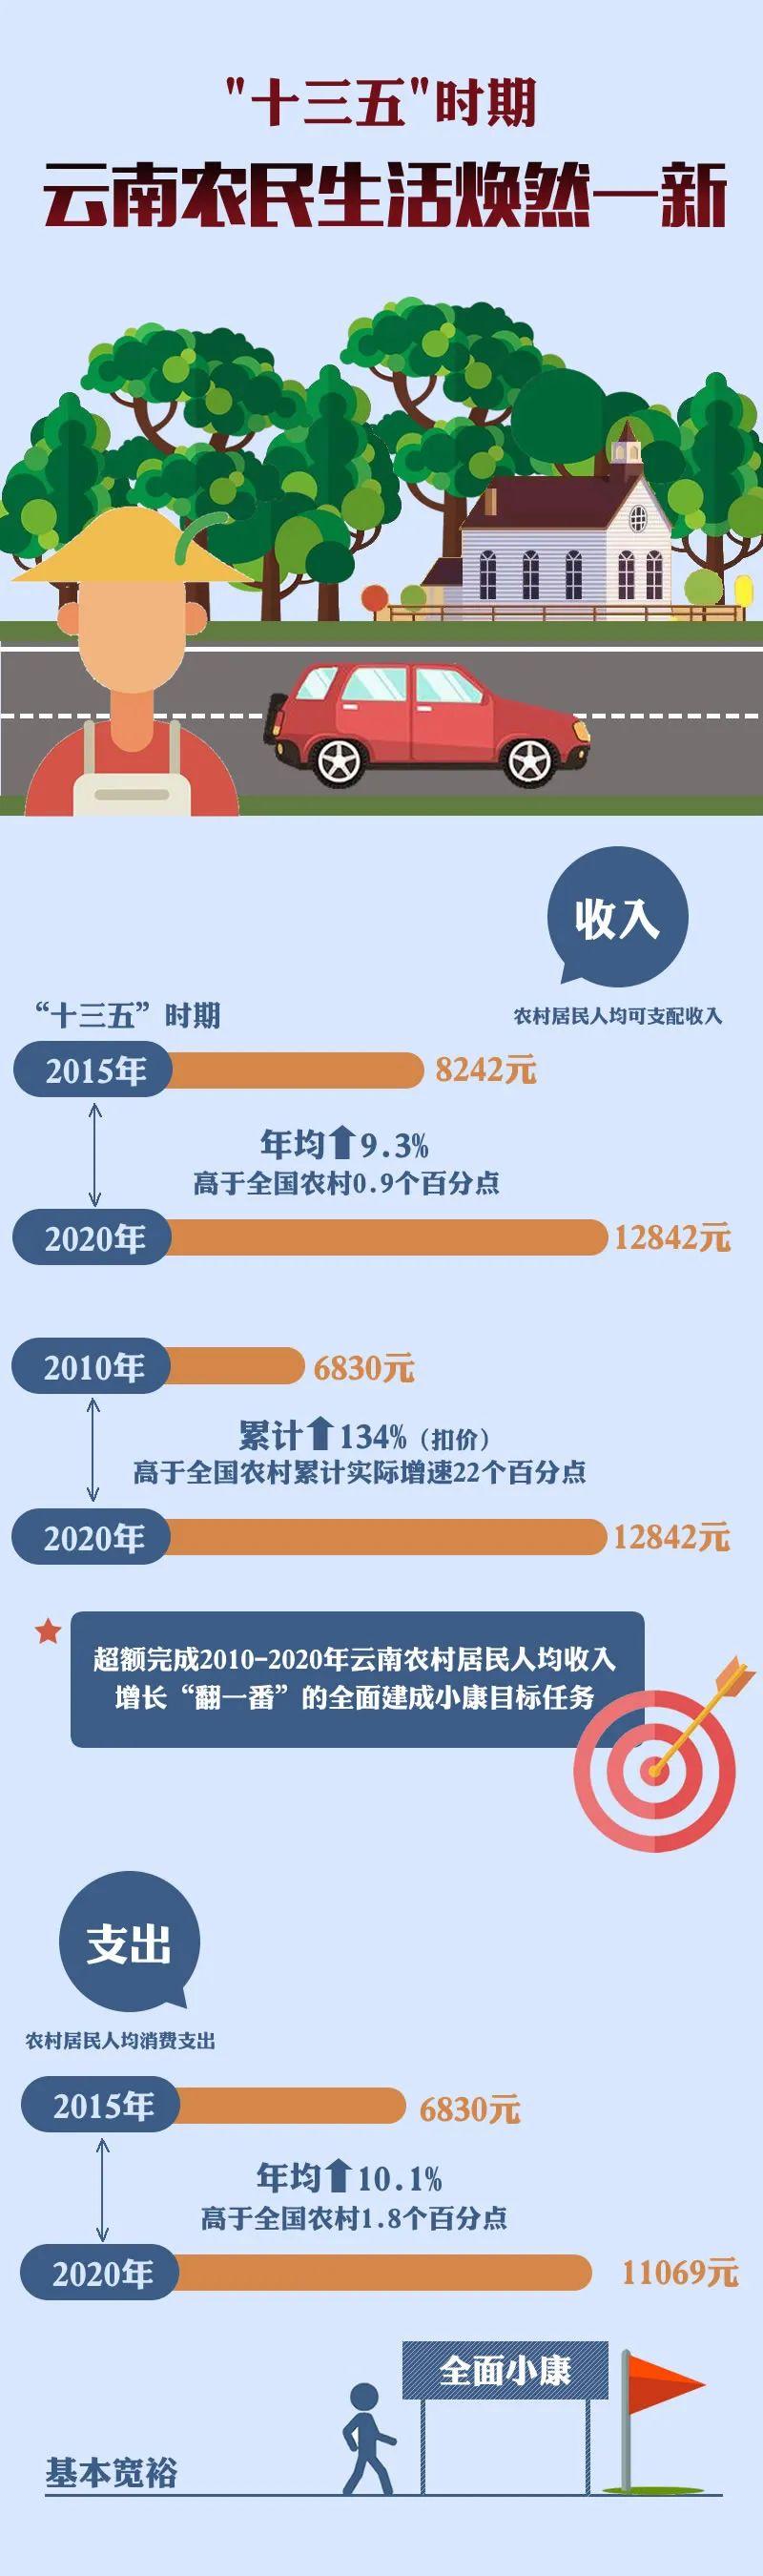 【关注】焕然一新!云南农民生活变化大图片